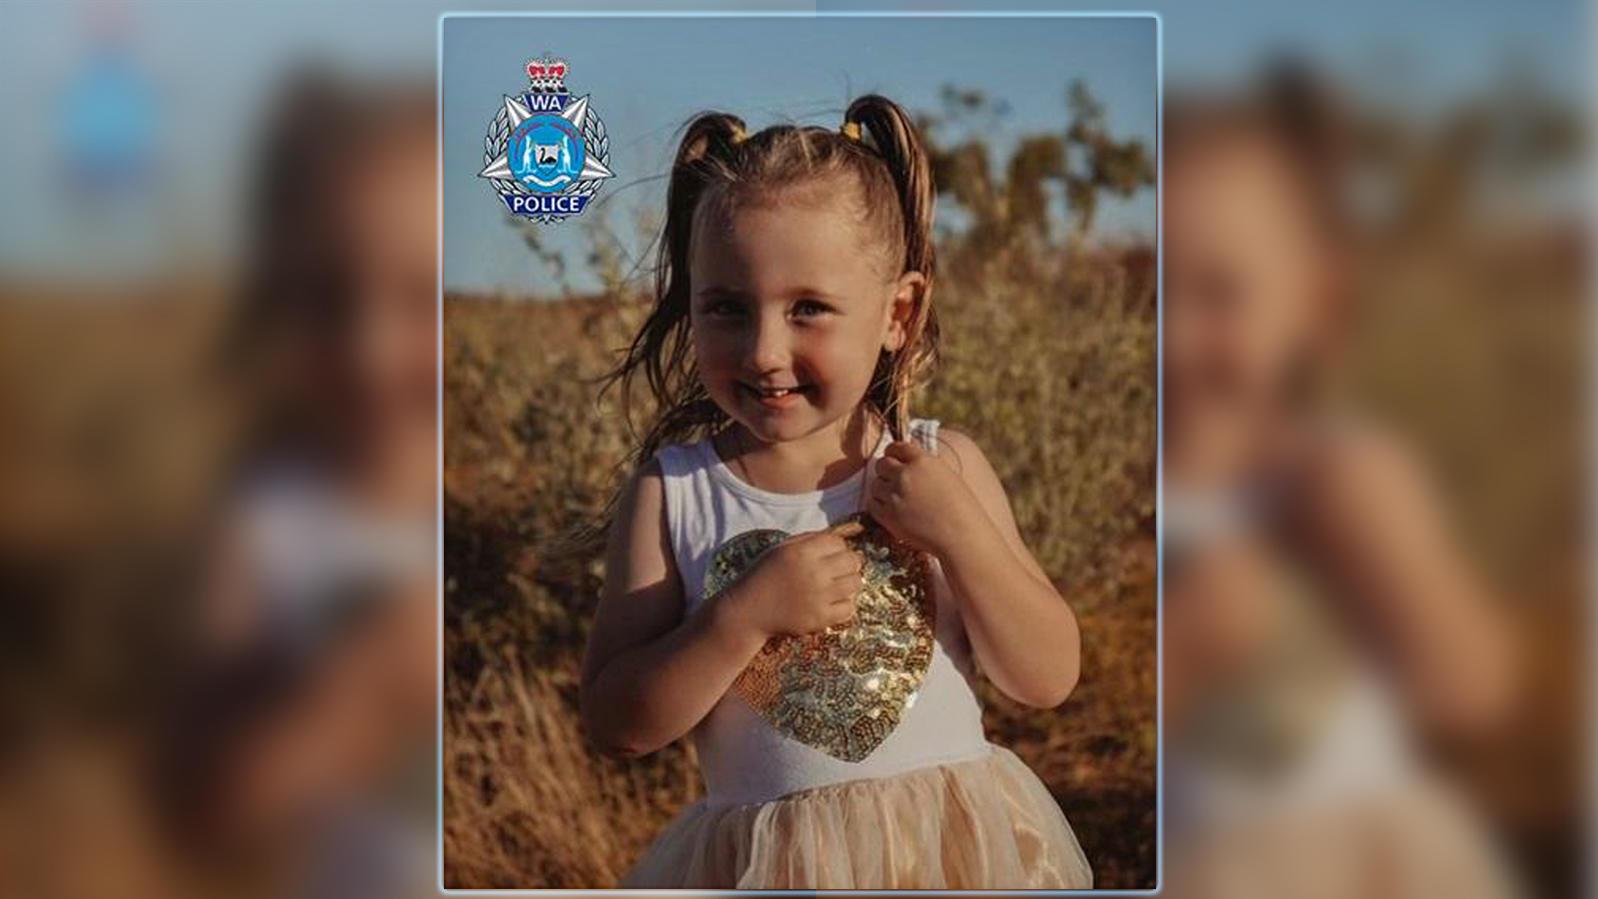 die-vermisste-cleo-auf-einem-fahndungsfoto-der-australischen-polizei